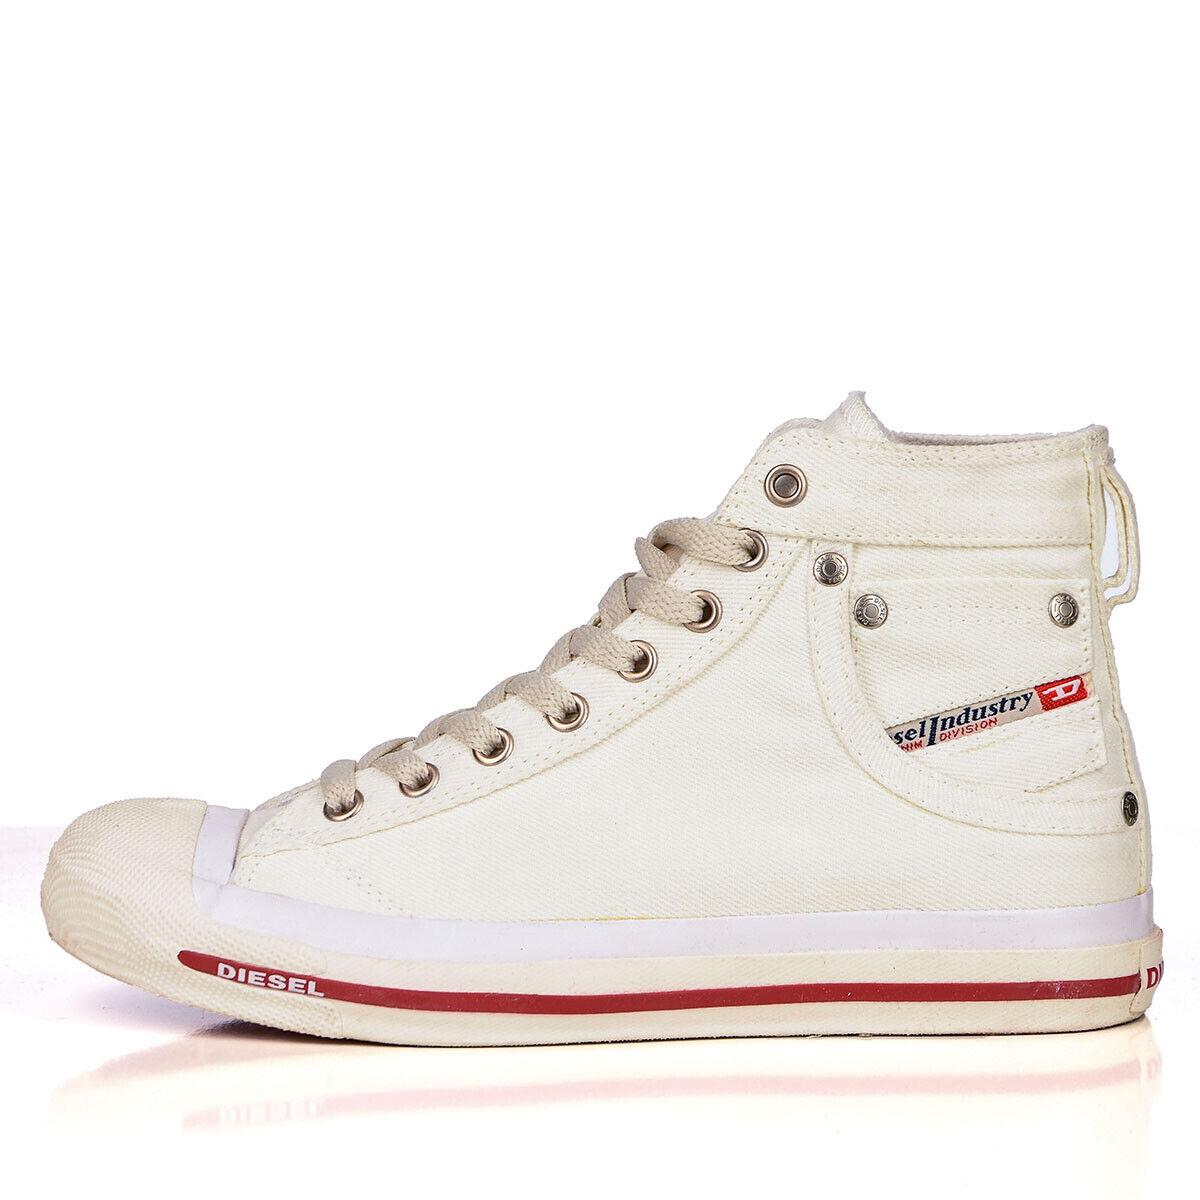 Diesel Magnete Exposure Damen High Turnschuhe Schuhe Bright Weiß Weiß Größe 39 40